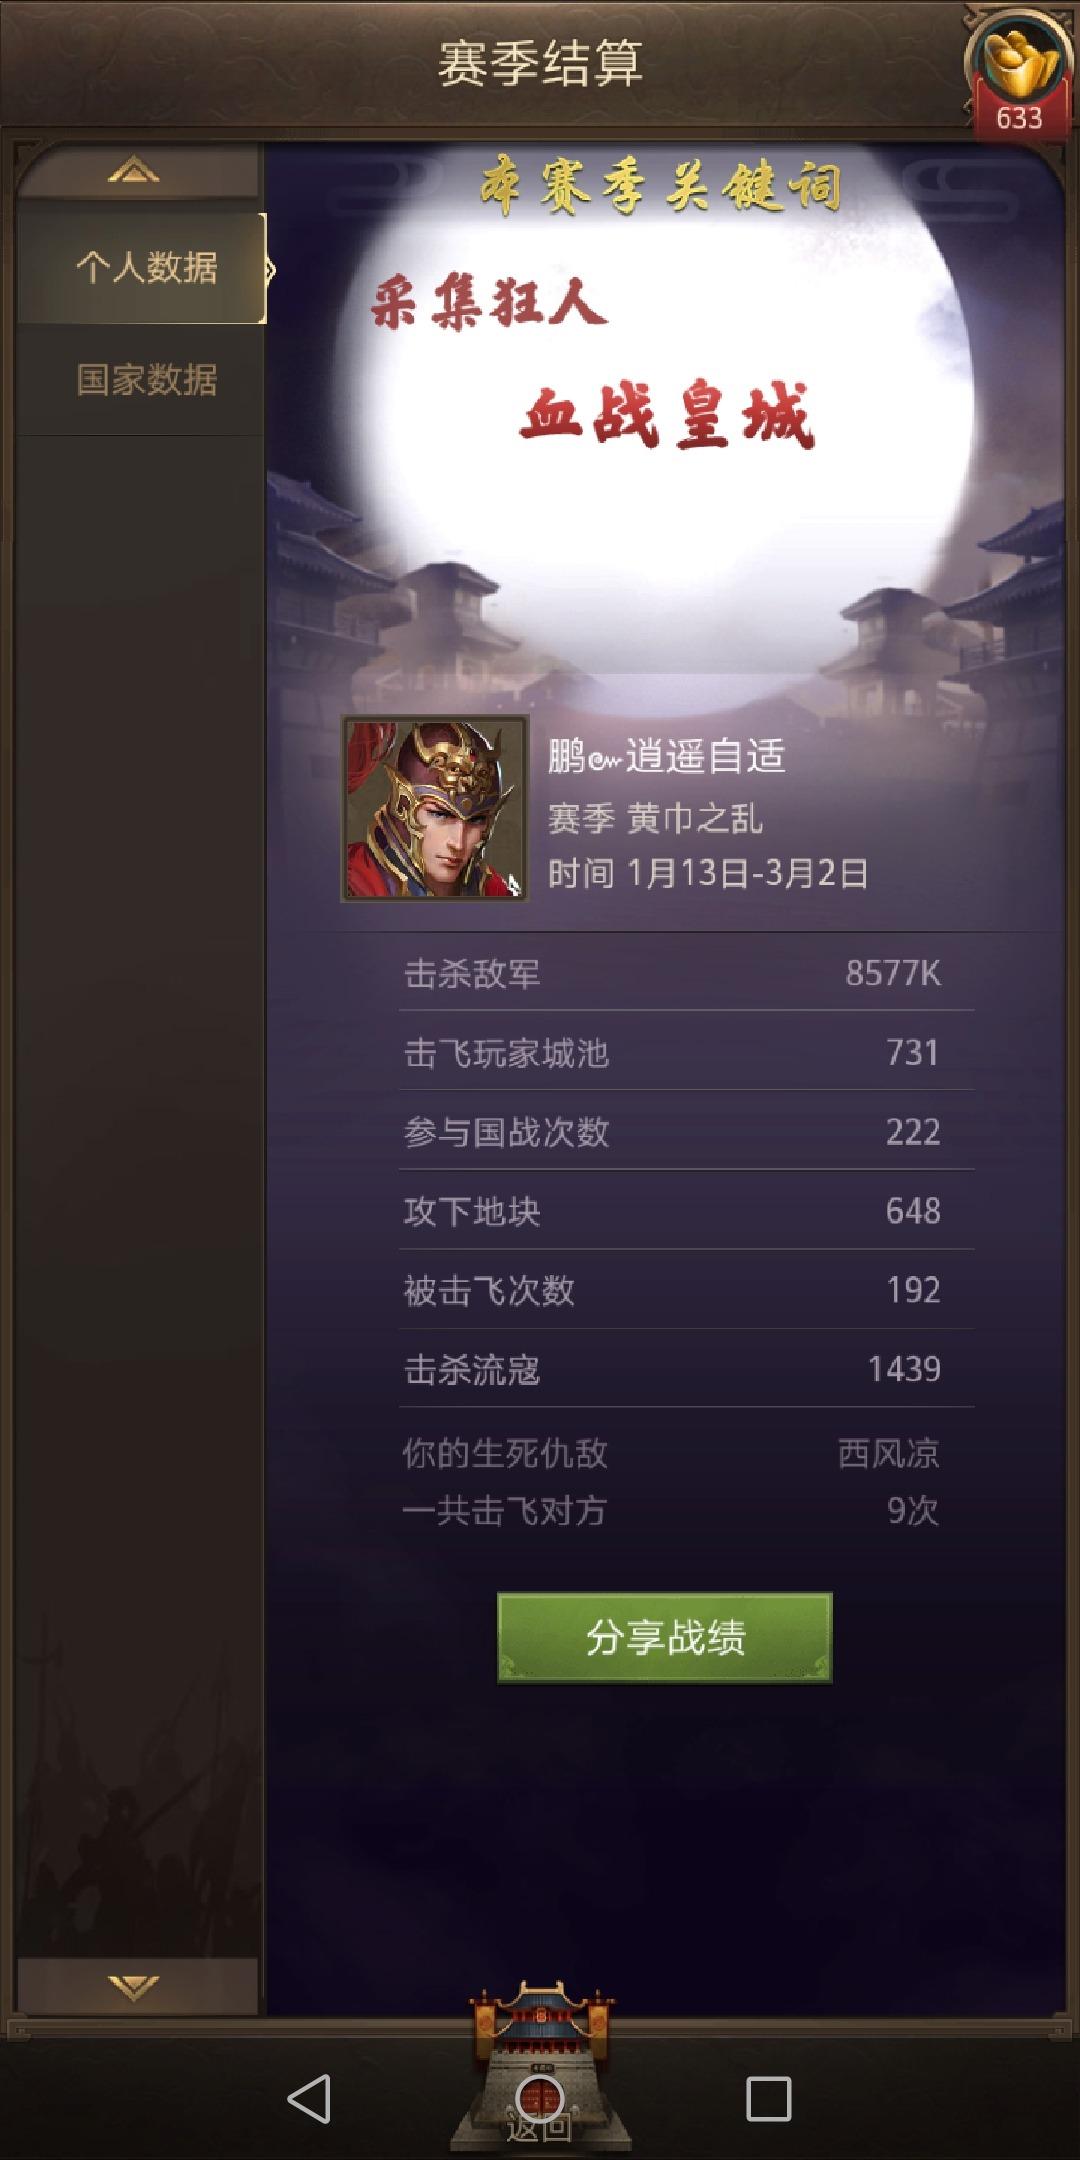 Screenshot_20200302_160520_juedi.tatuyin.rxsg.huawei.jpg